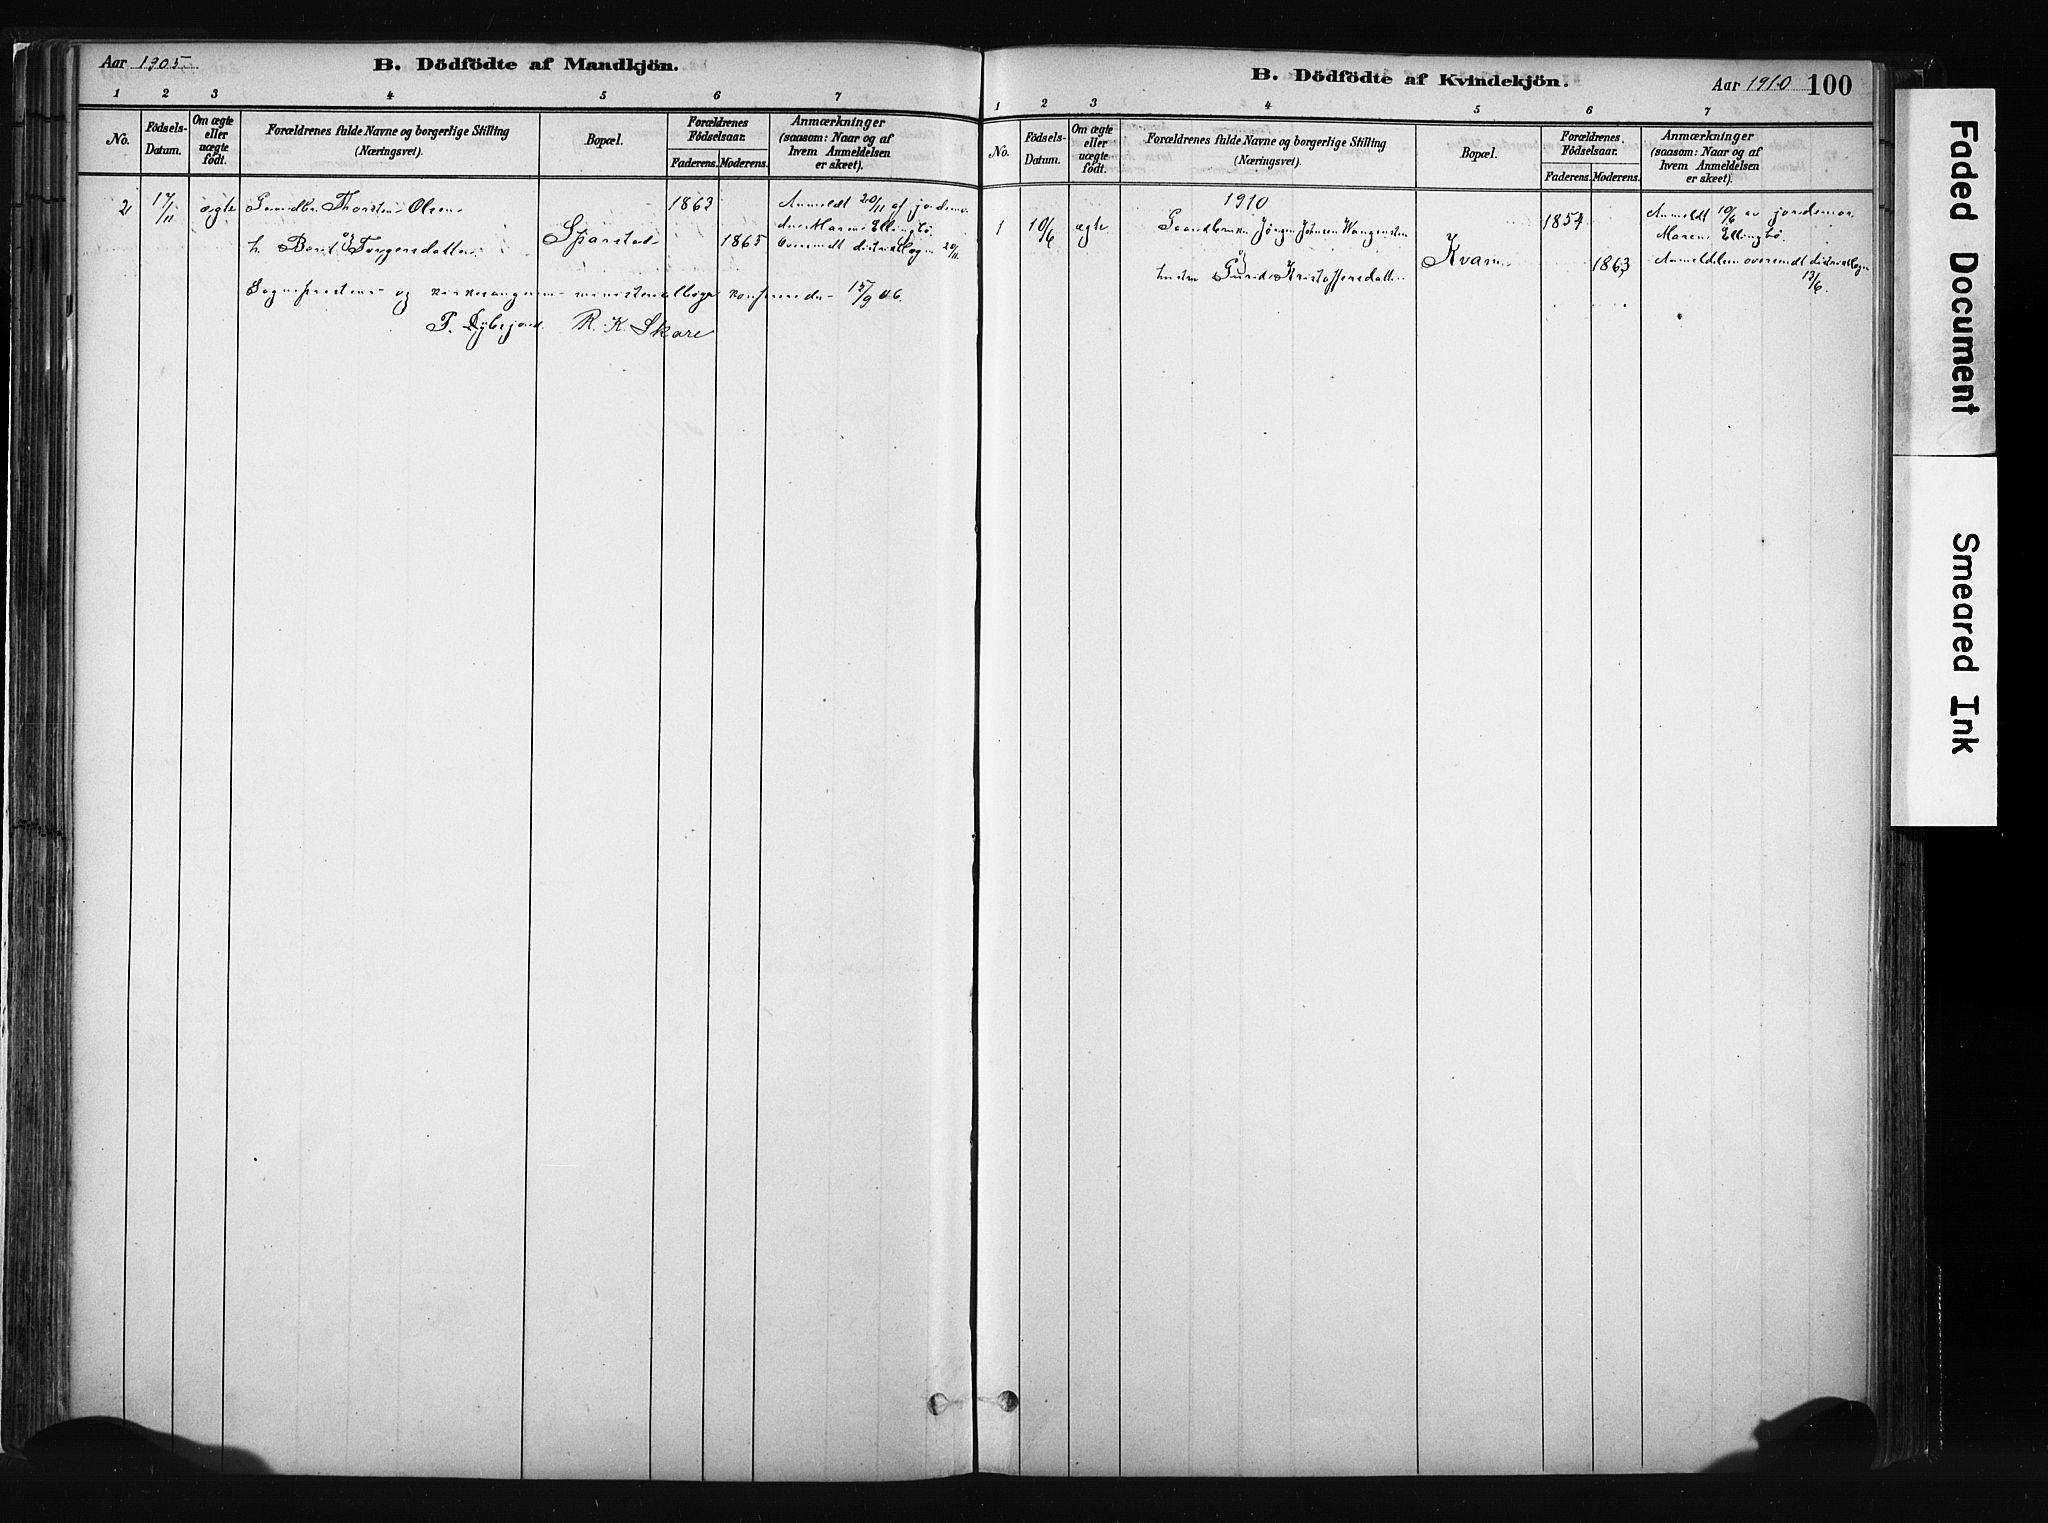 SAH, Vang prestekontor, Valdres, Ministerialbok nr. 8, 1882-1910, s. 100